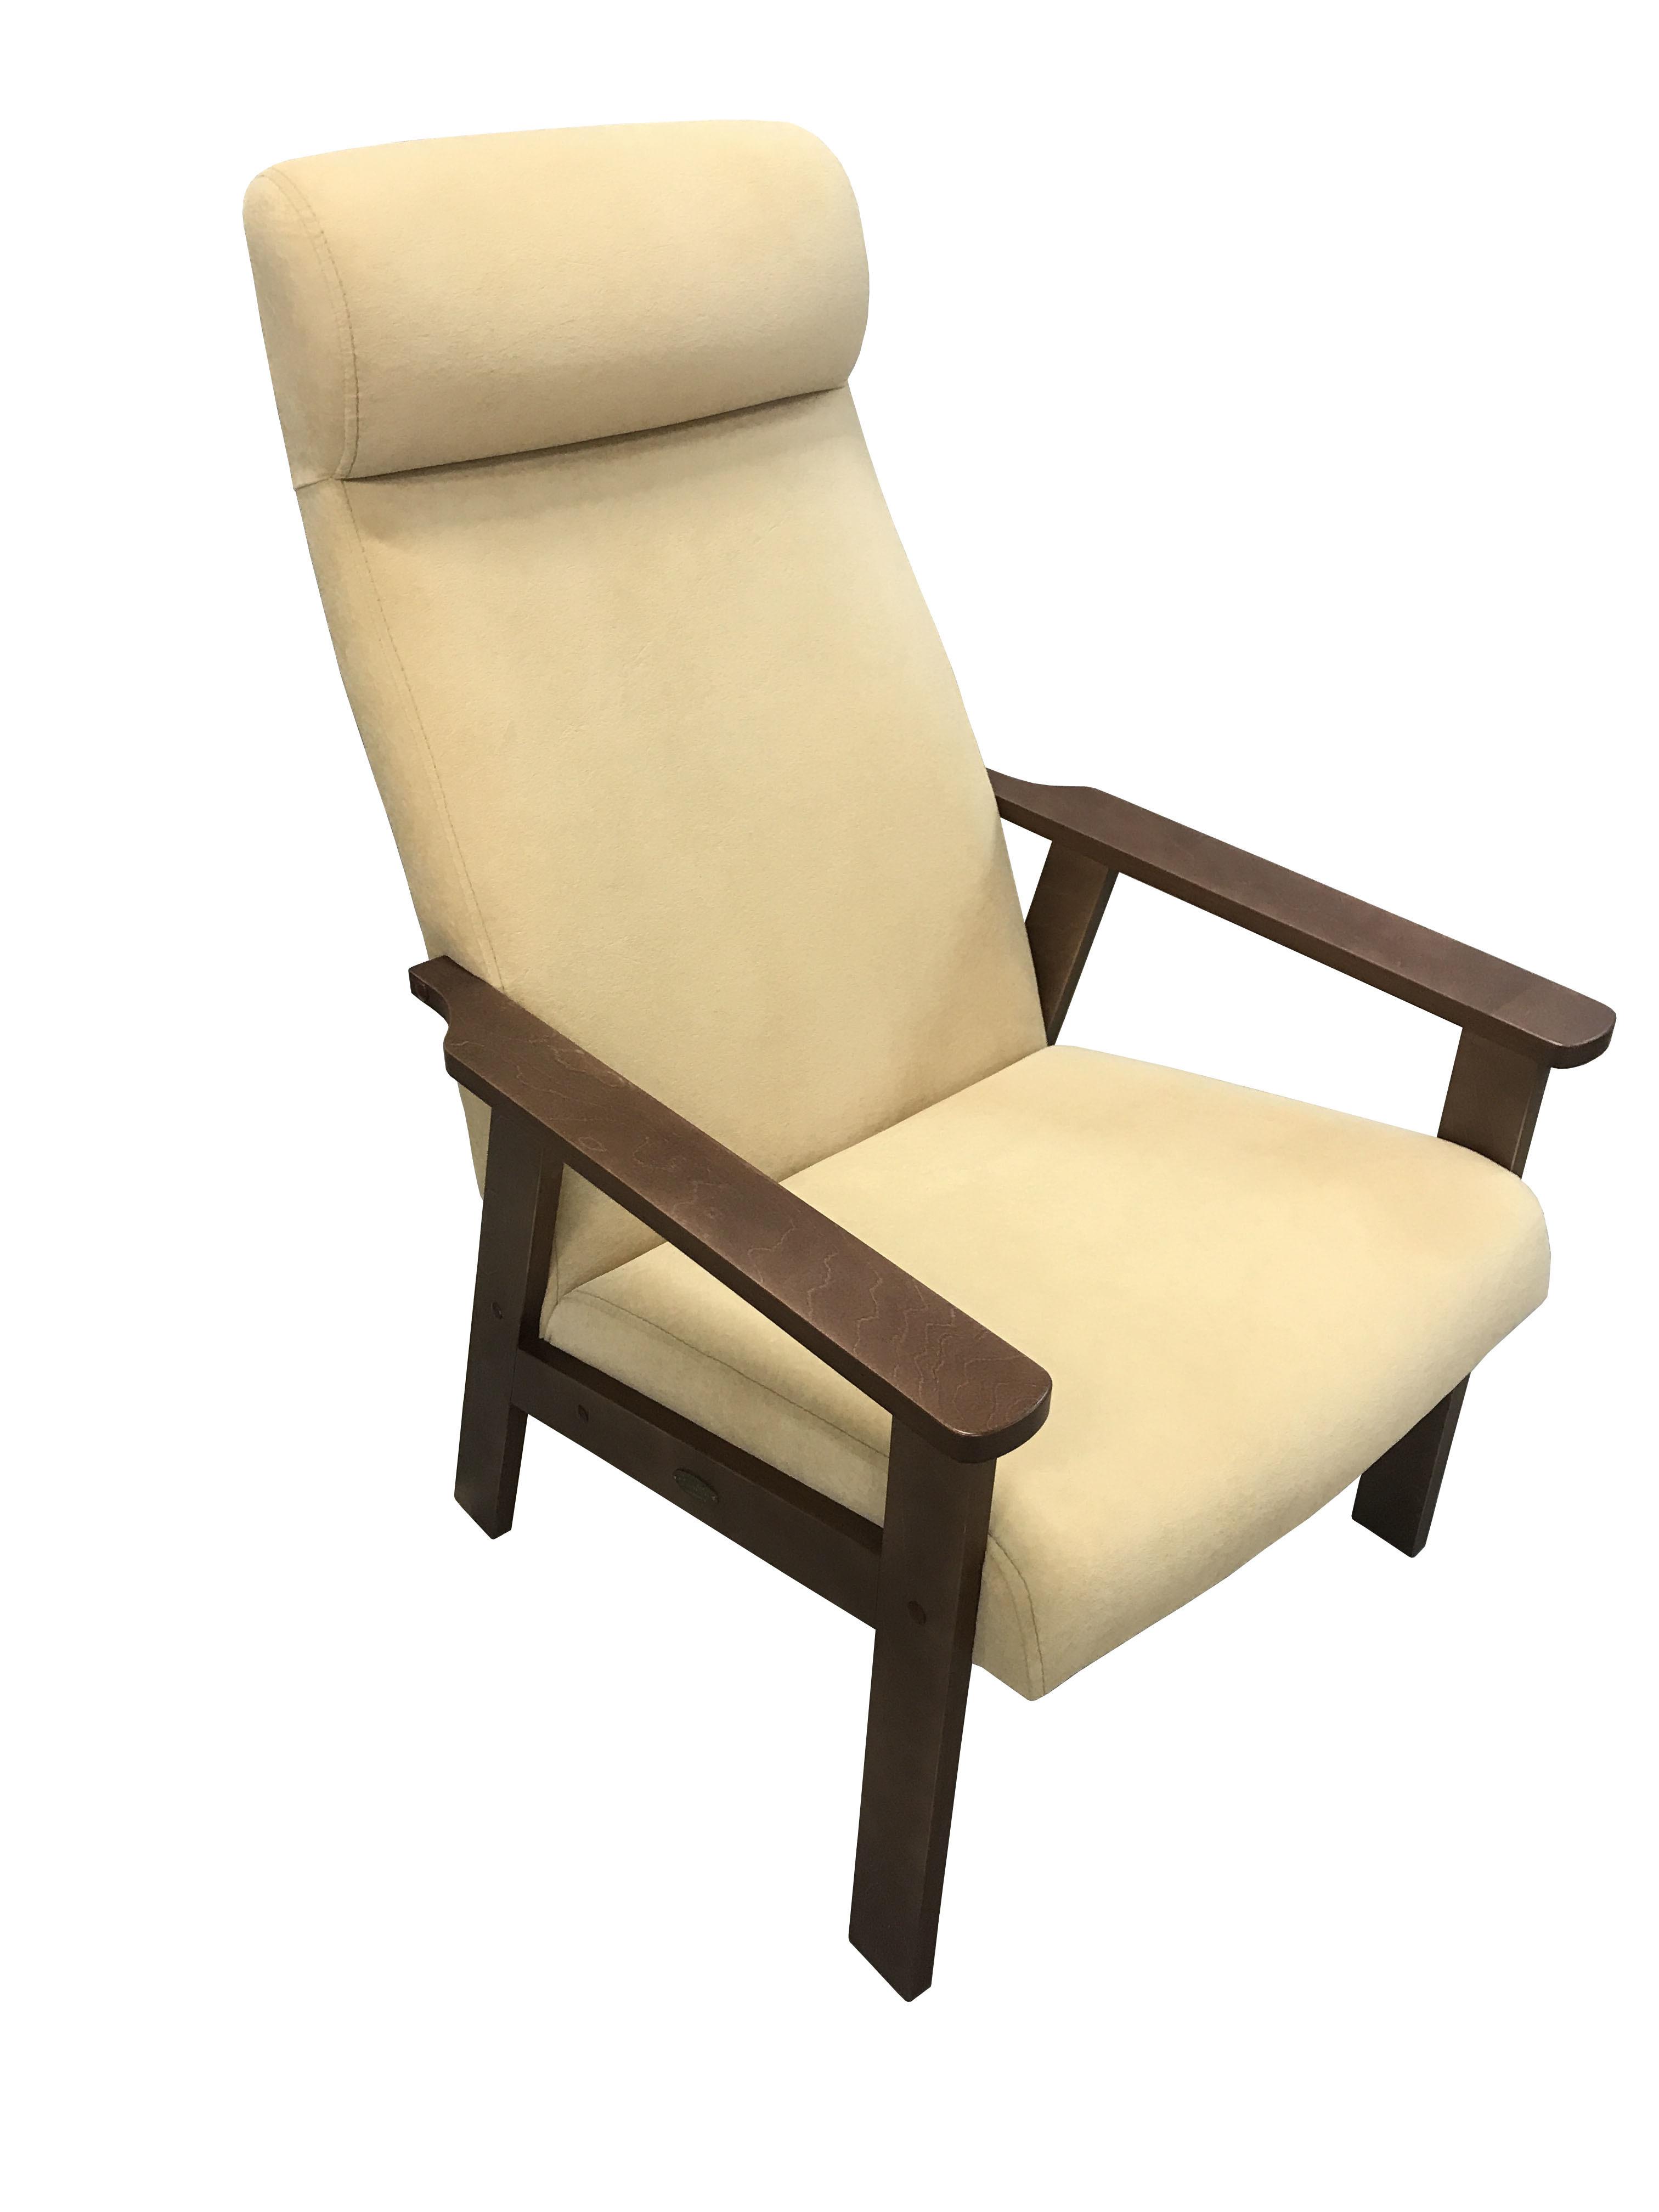 мягкие кресла Кресло для отдыха Вилора, Орех, Bolero silk bone